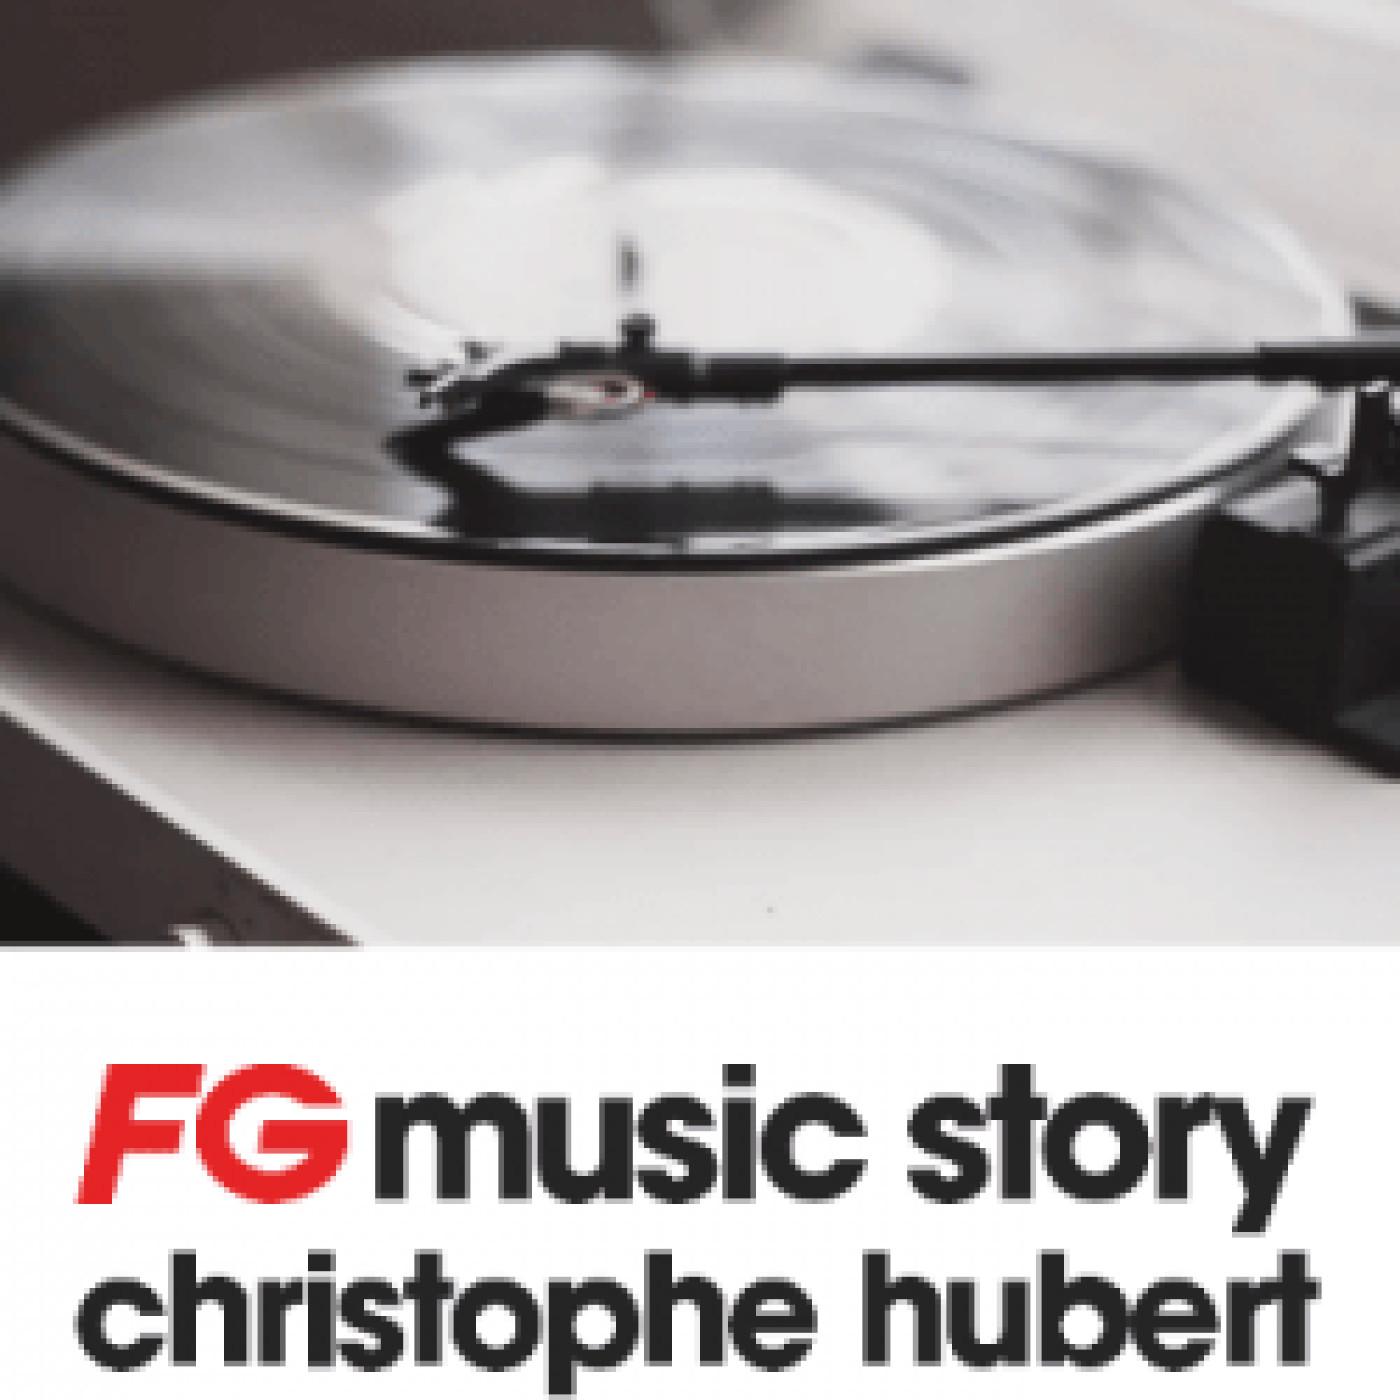 FG MUSIC STORY : MATT SIMONS